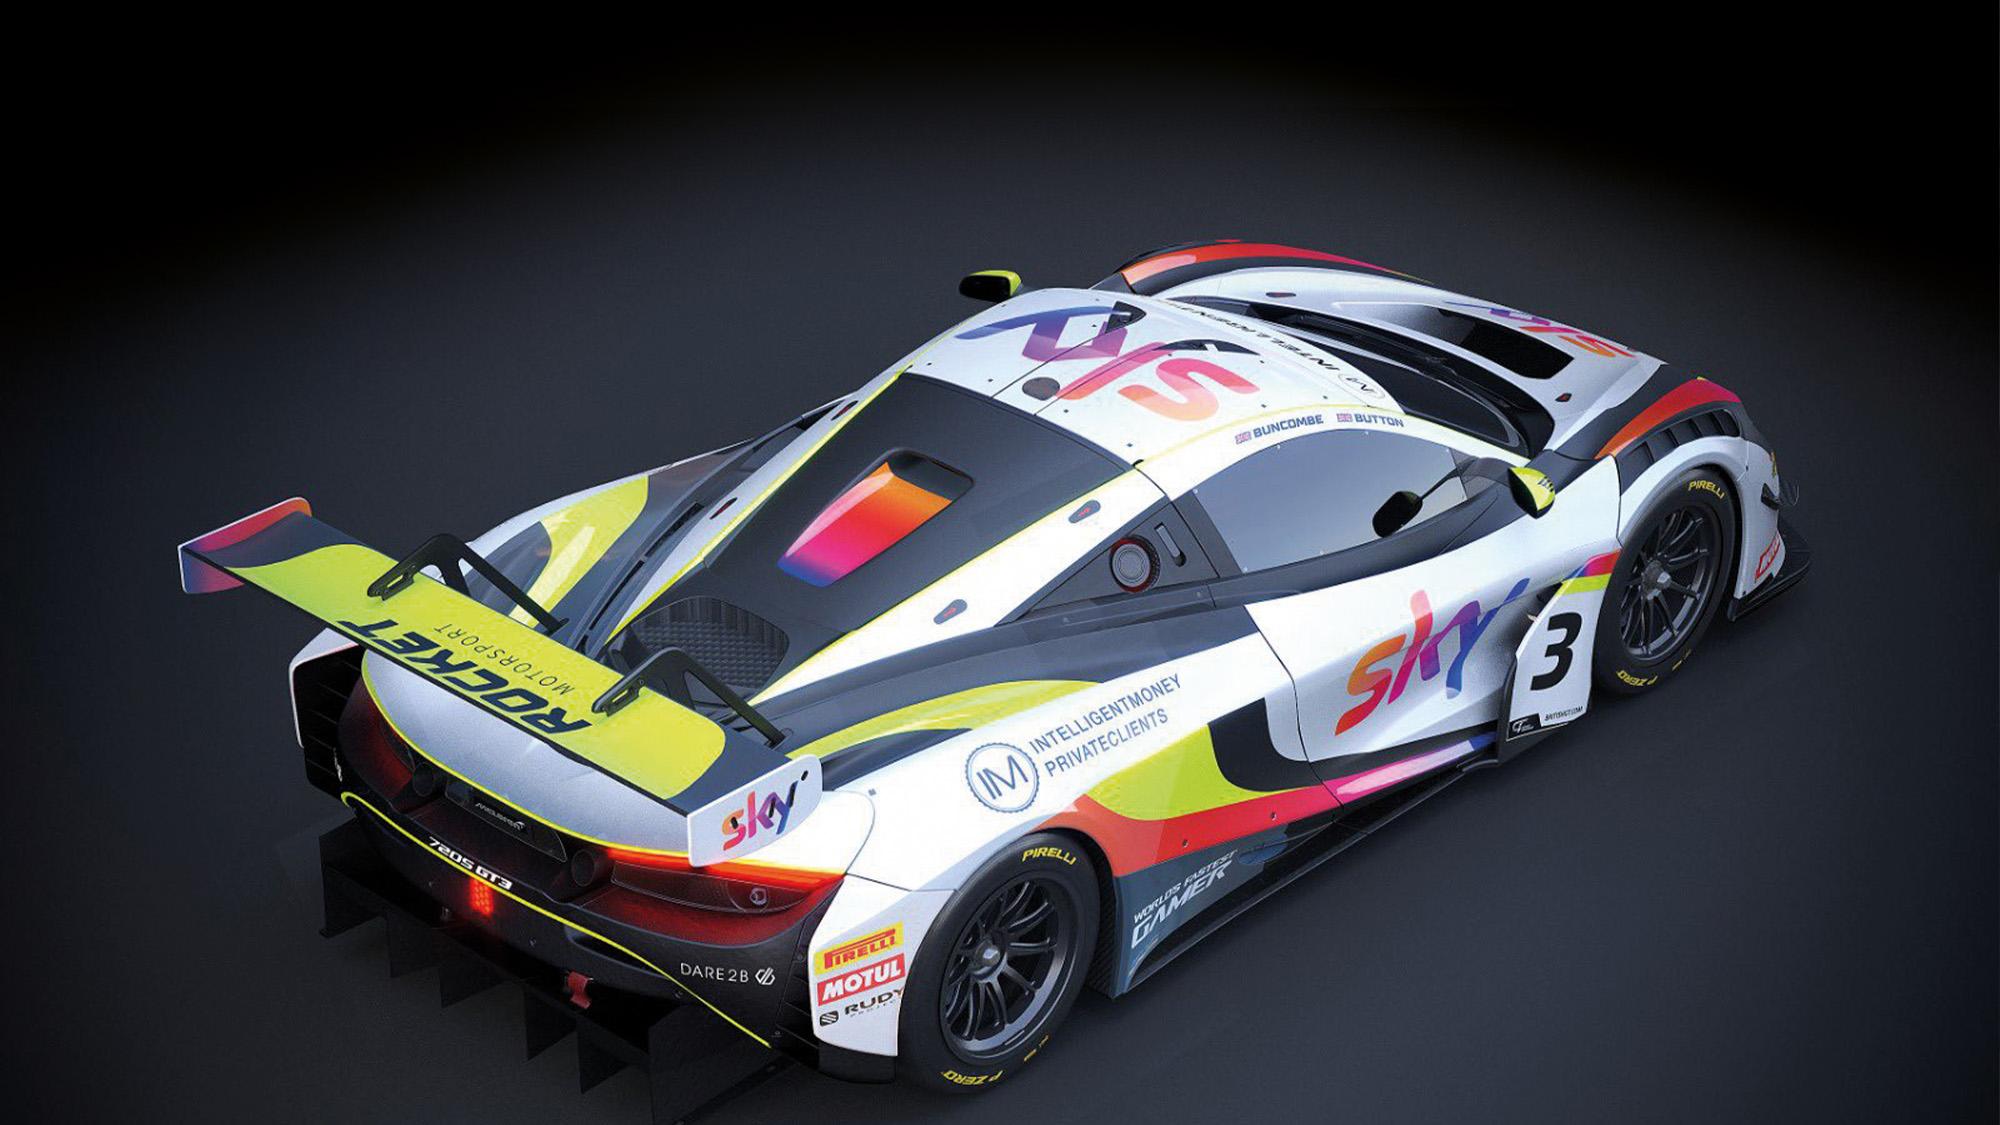 Jenson Button's McLaren 720S GT3